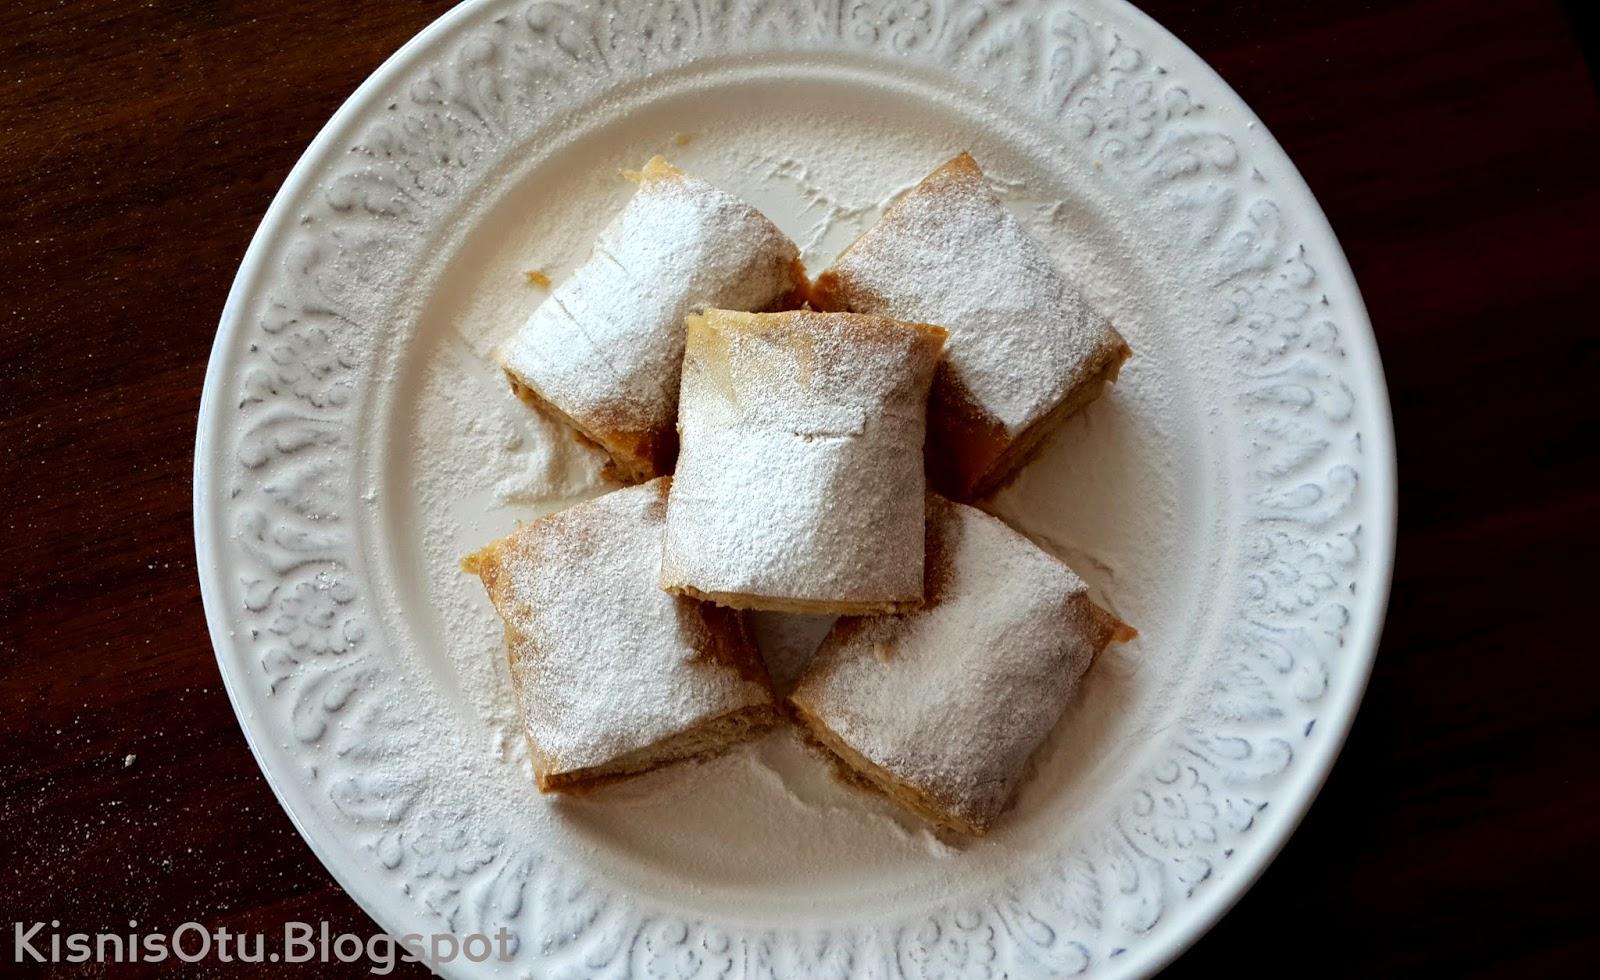 Çörek Tarifi, Cevizli, Tahinli, Baklava Yufkası, Tatlı, Kişniş Otu